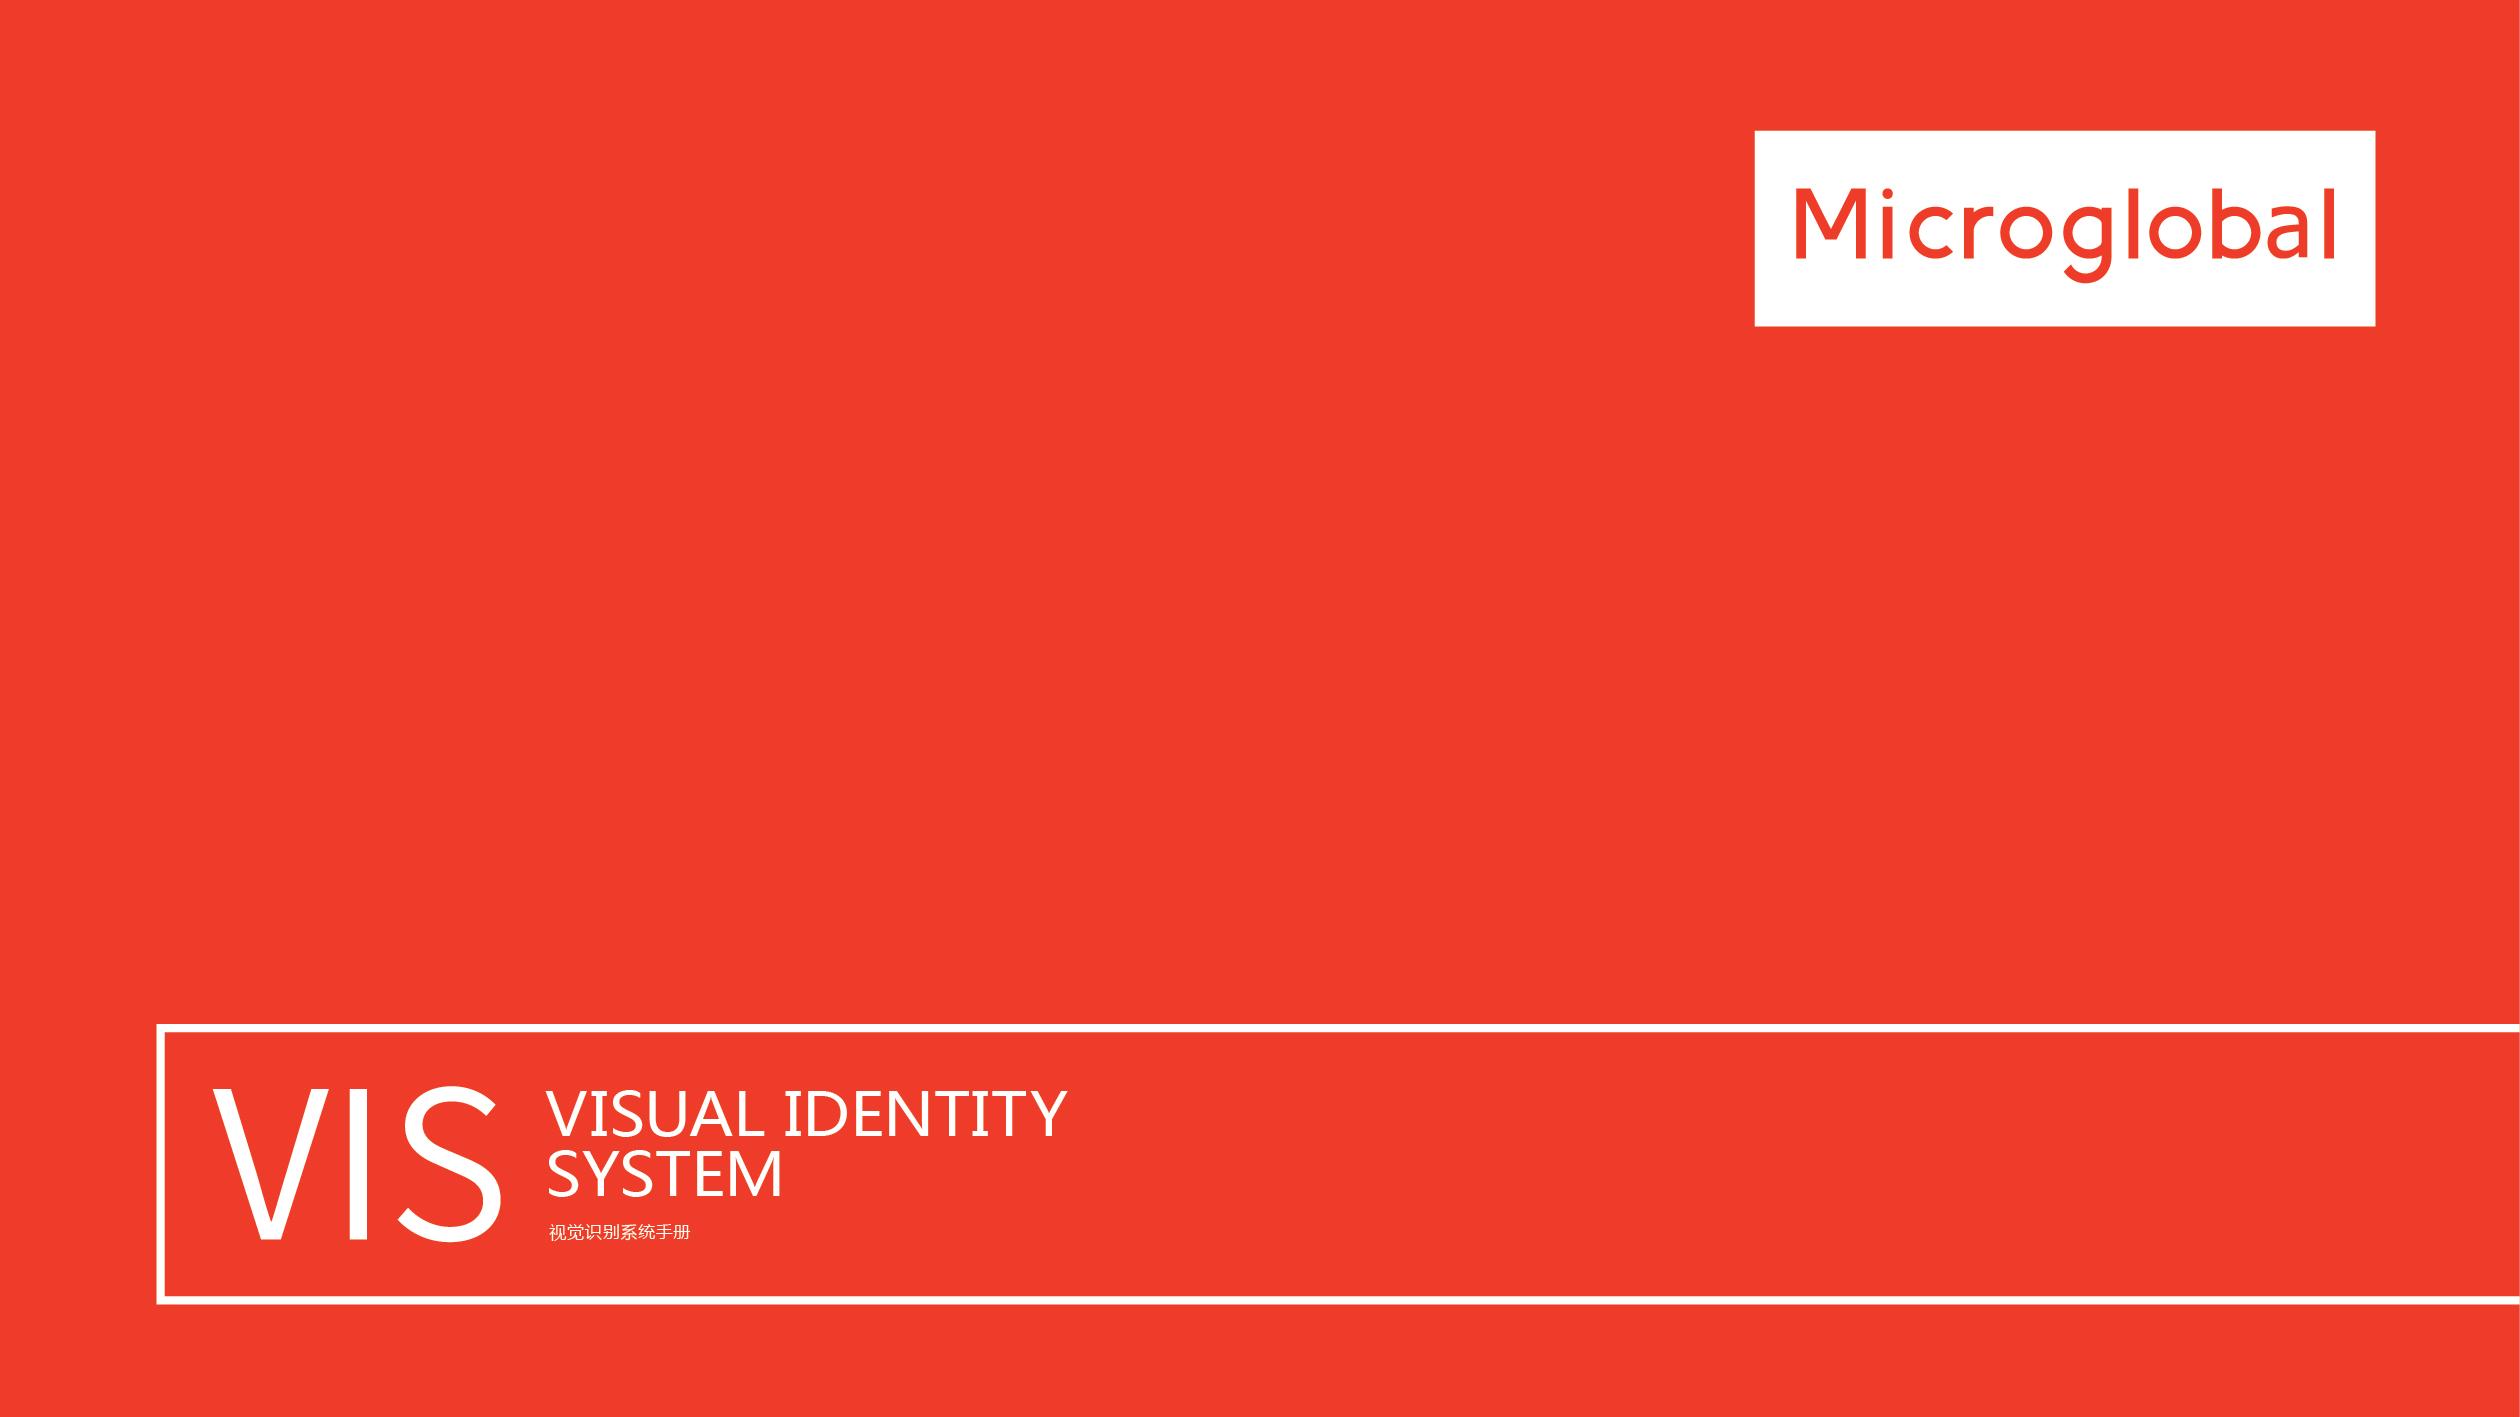 微環球聯合科技公司VI設計